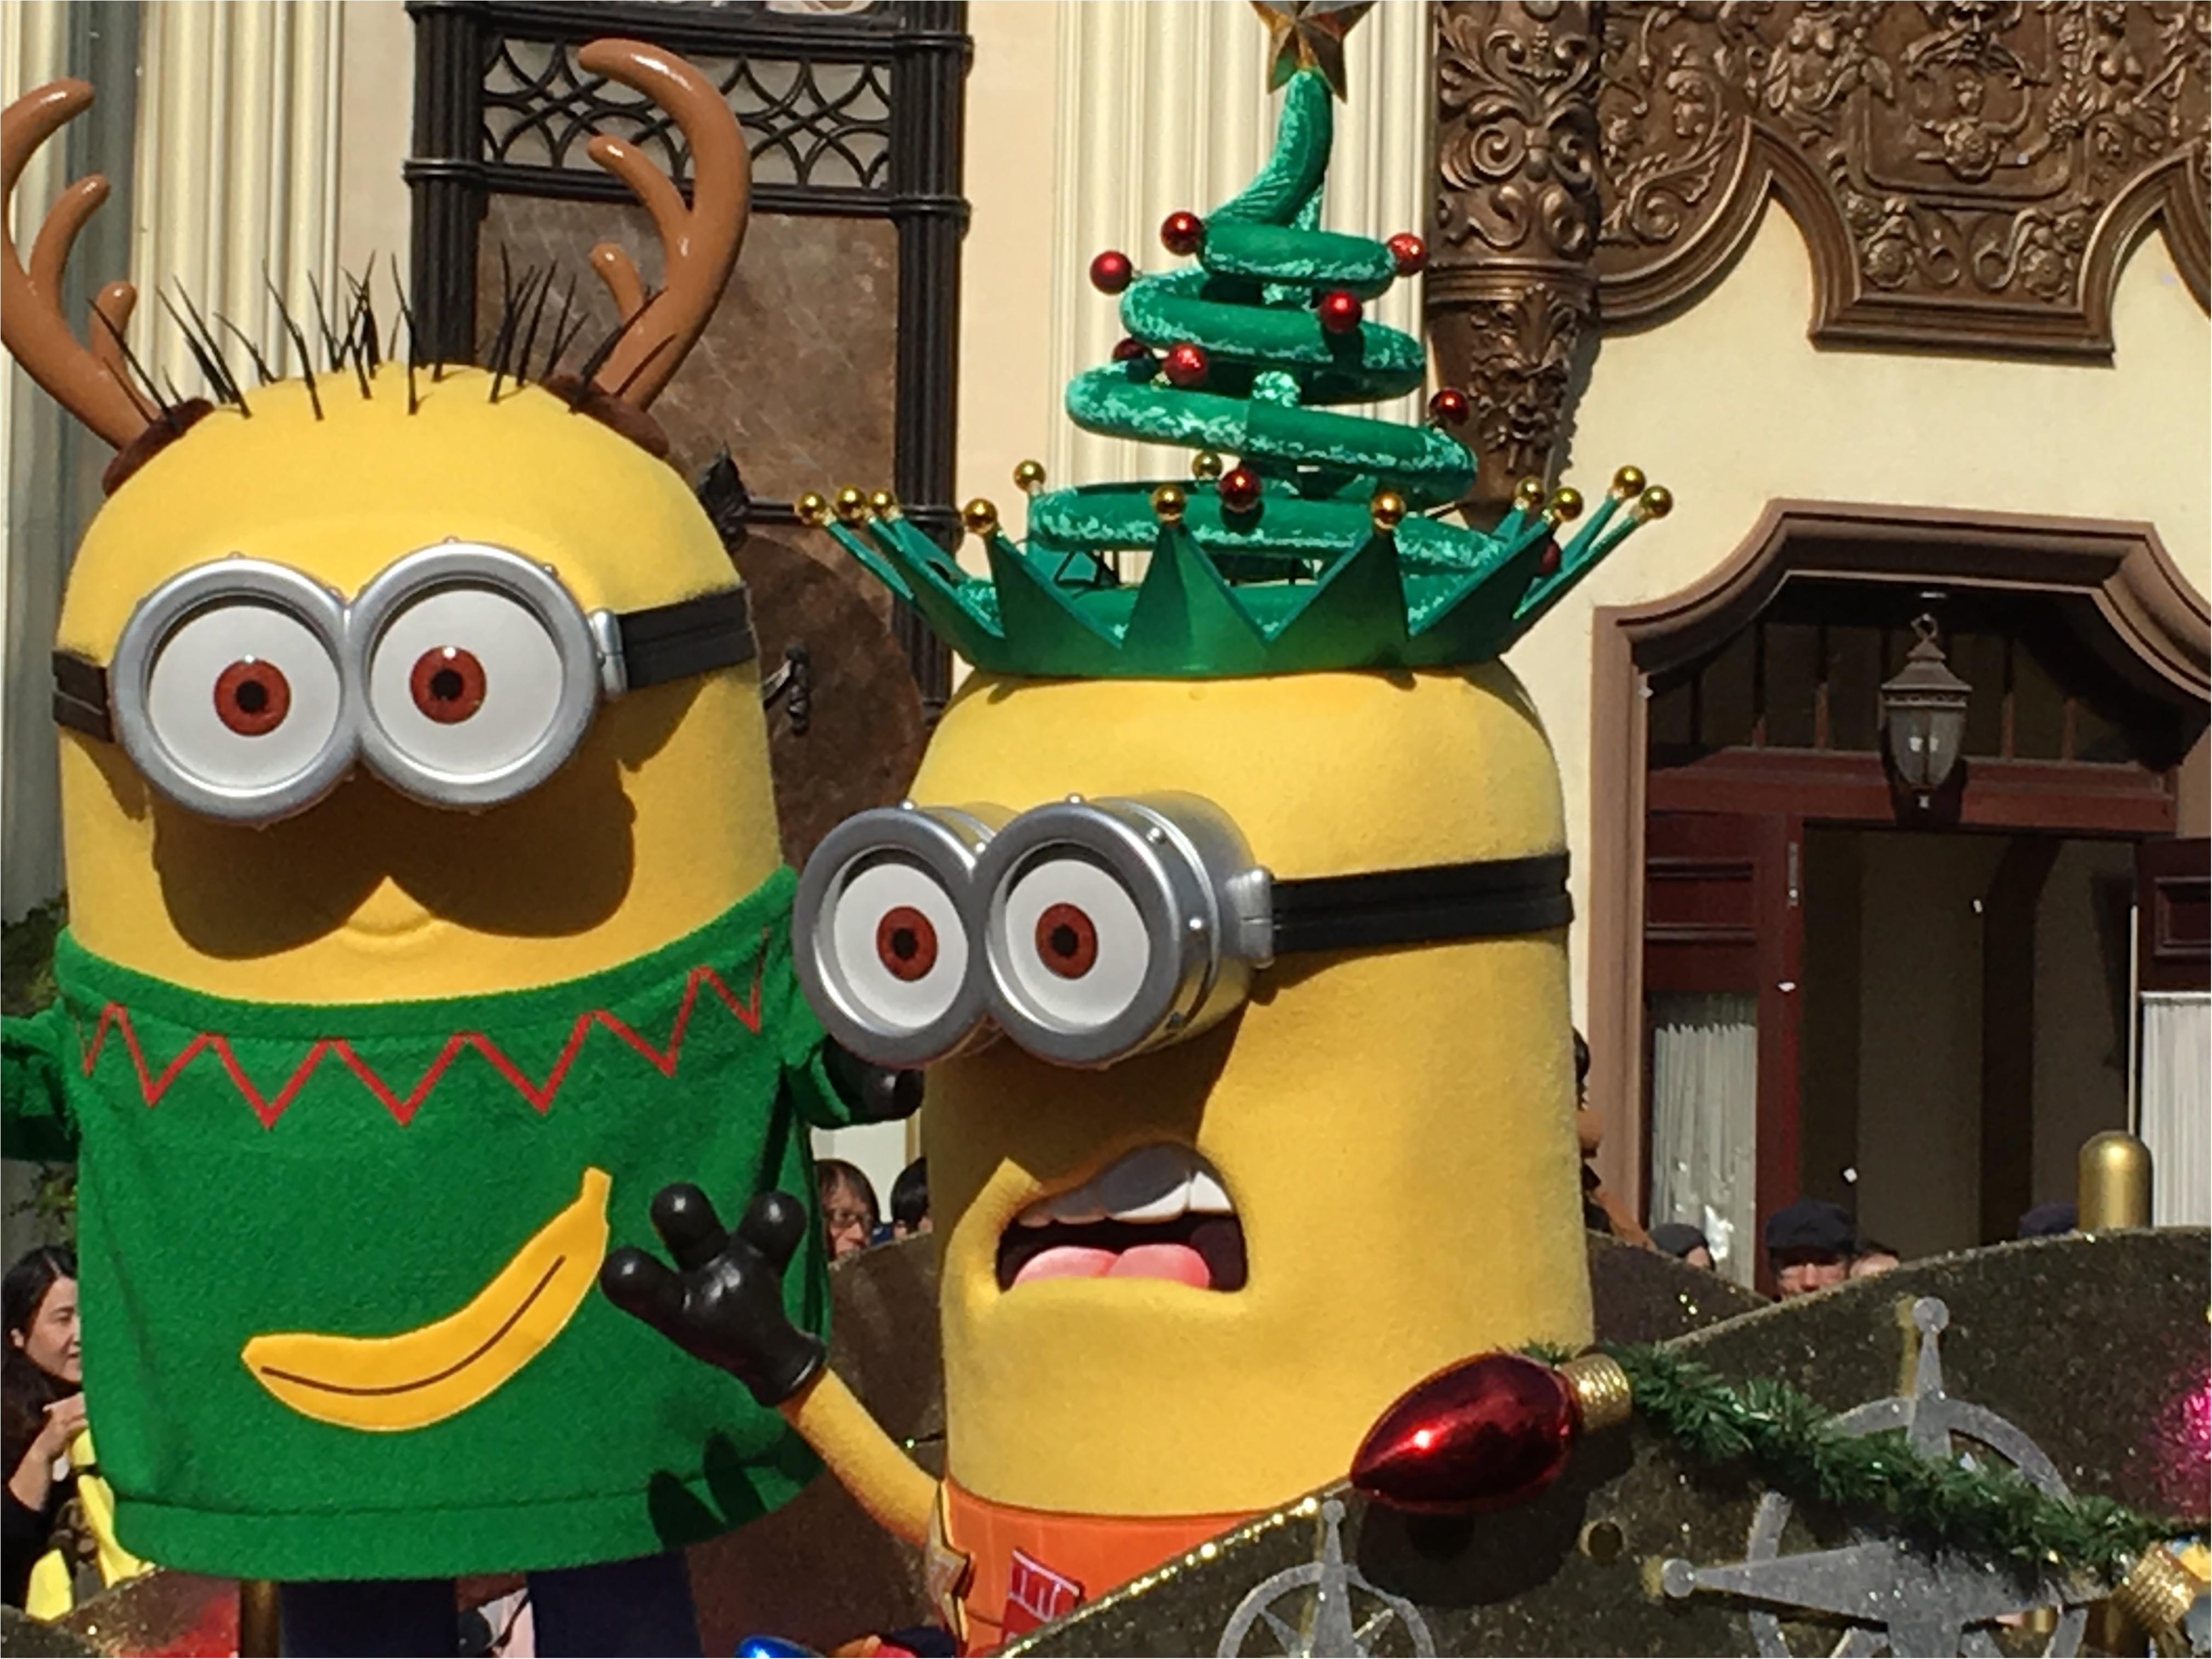 ハチャメチャミニオンが可愛すぎ❤️【USJクリスマス】のフォトジェニックスポットはここ!_11